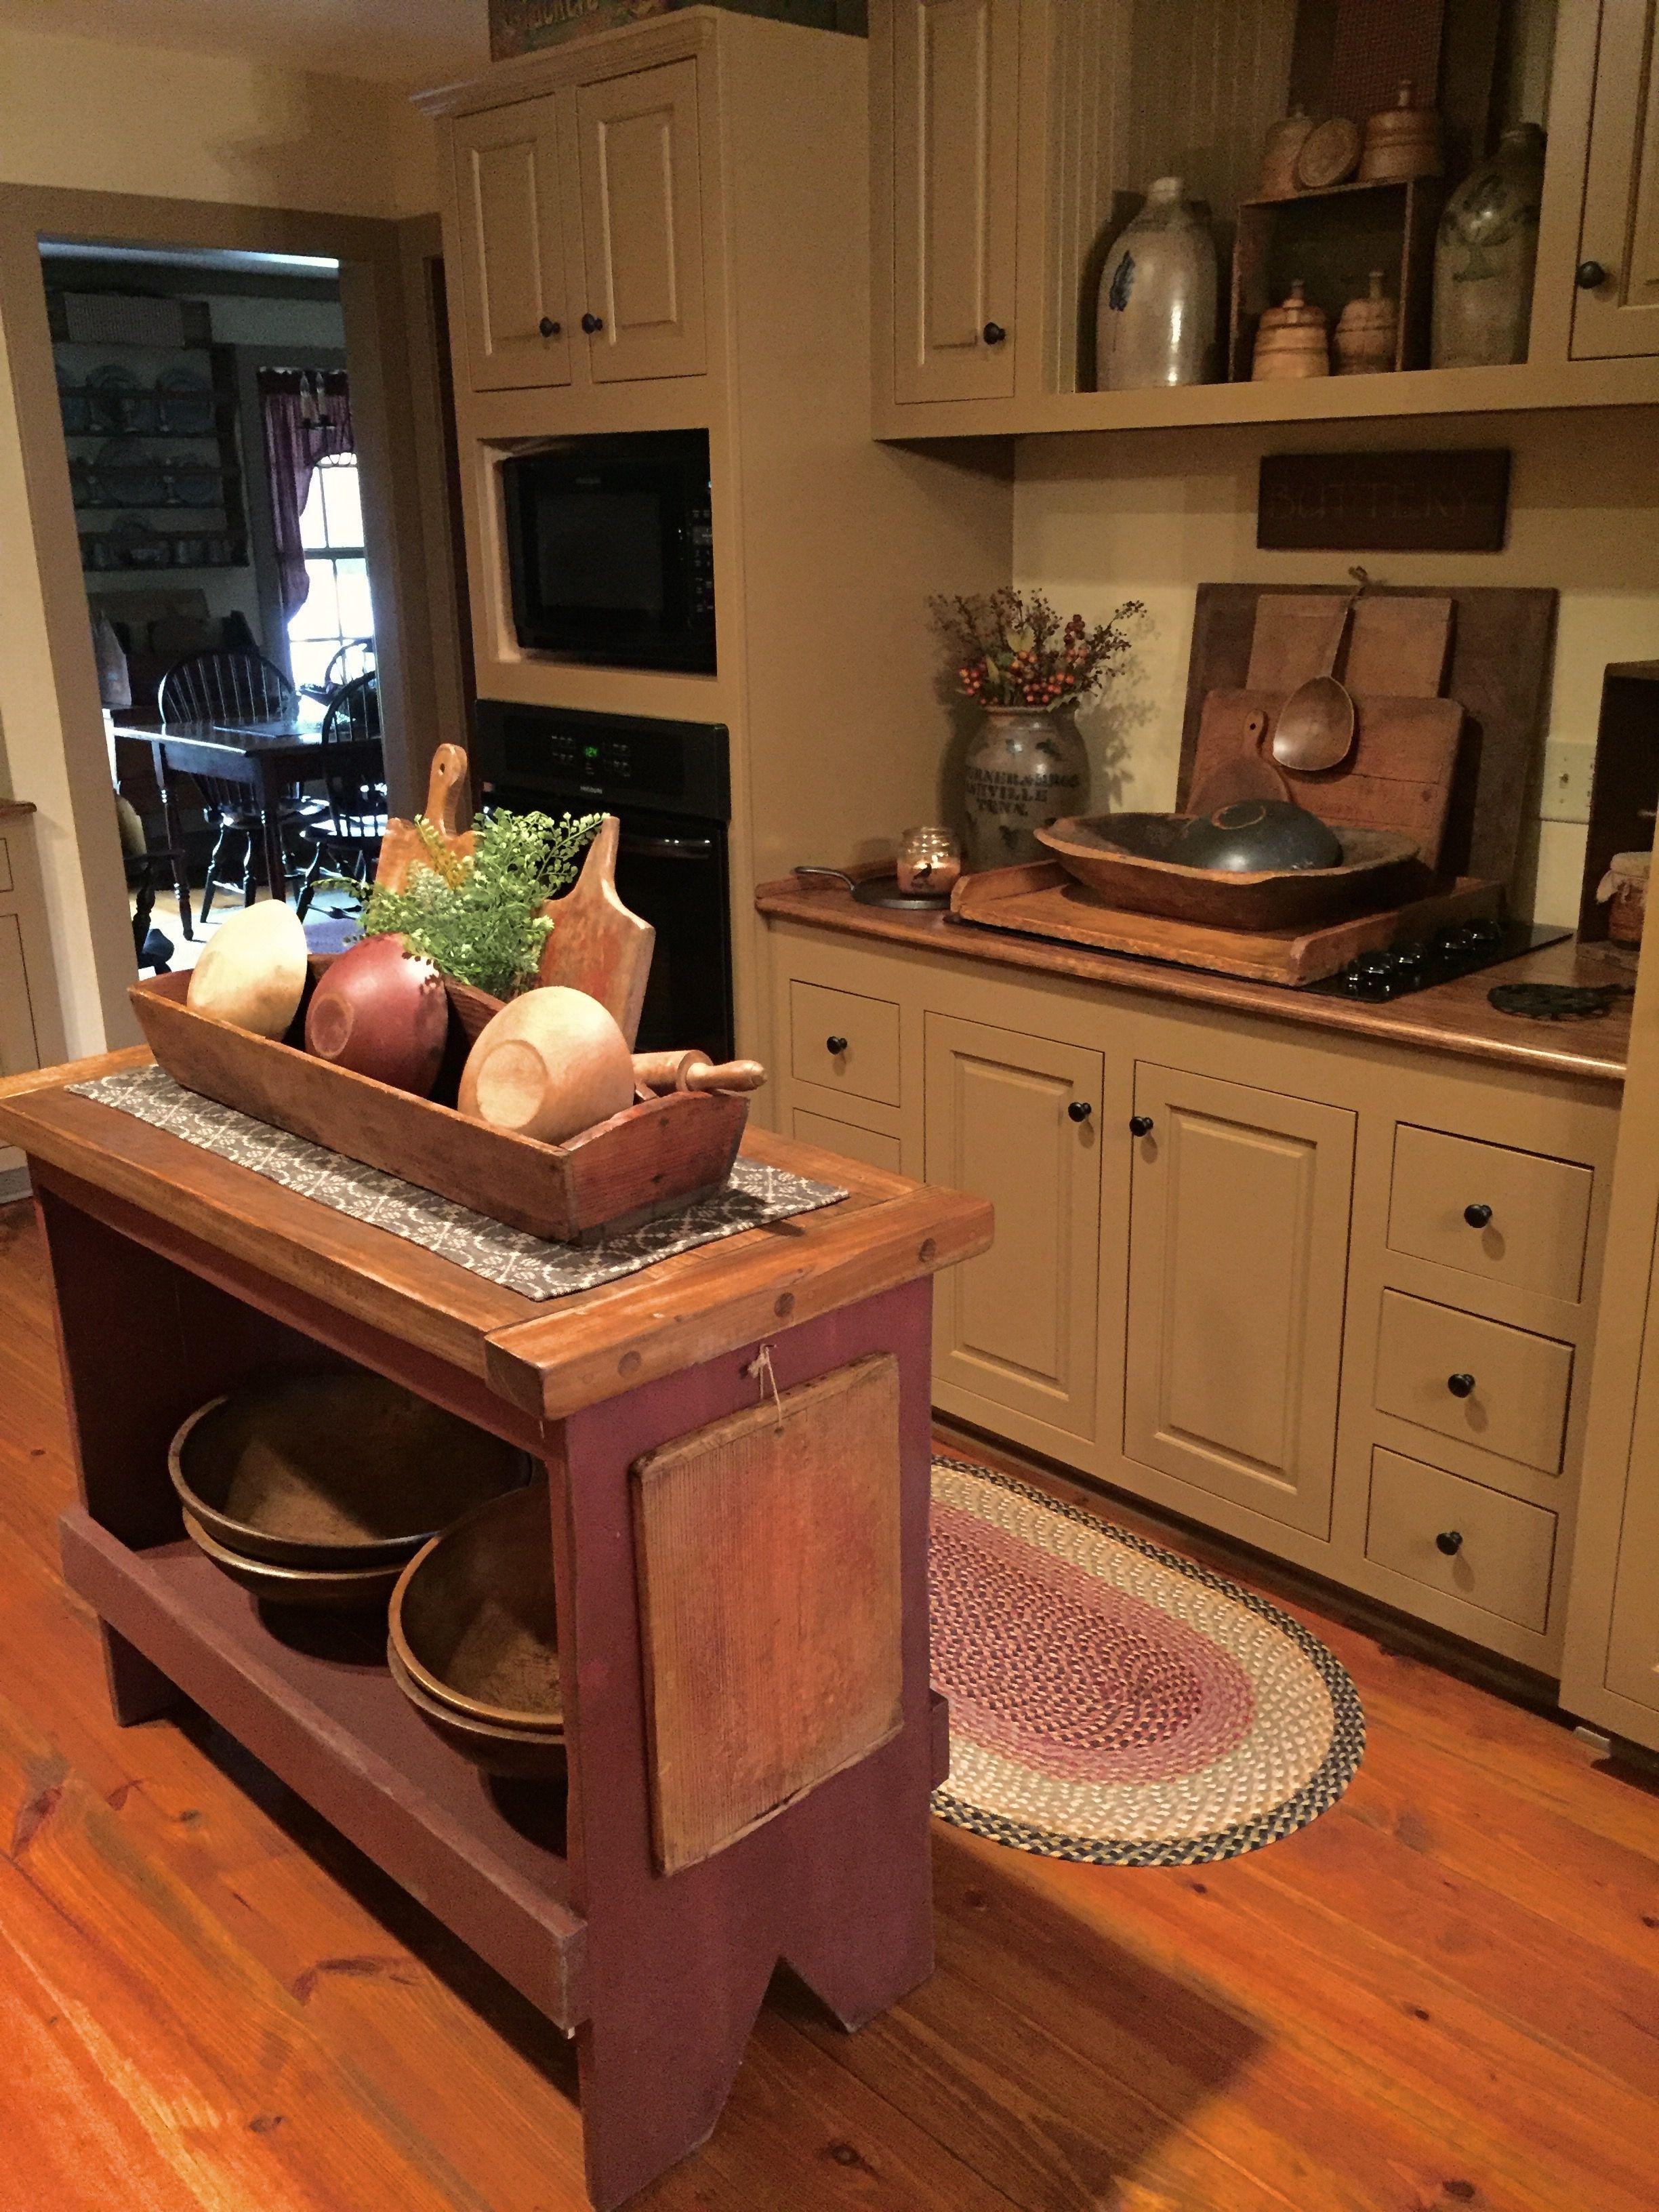 Pin de Stacey Hopkins en Indoor Spaces - Kitchen Ideas | Pinterest ...